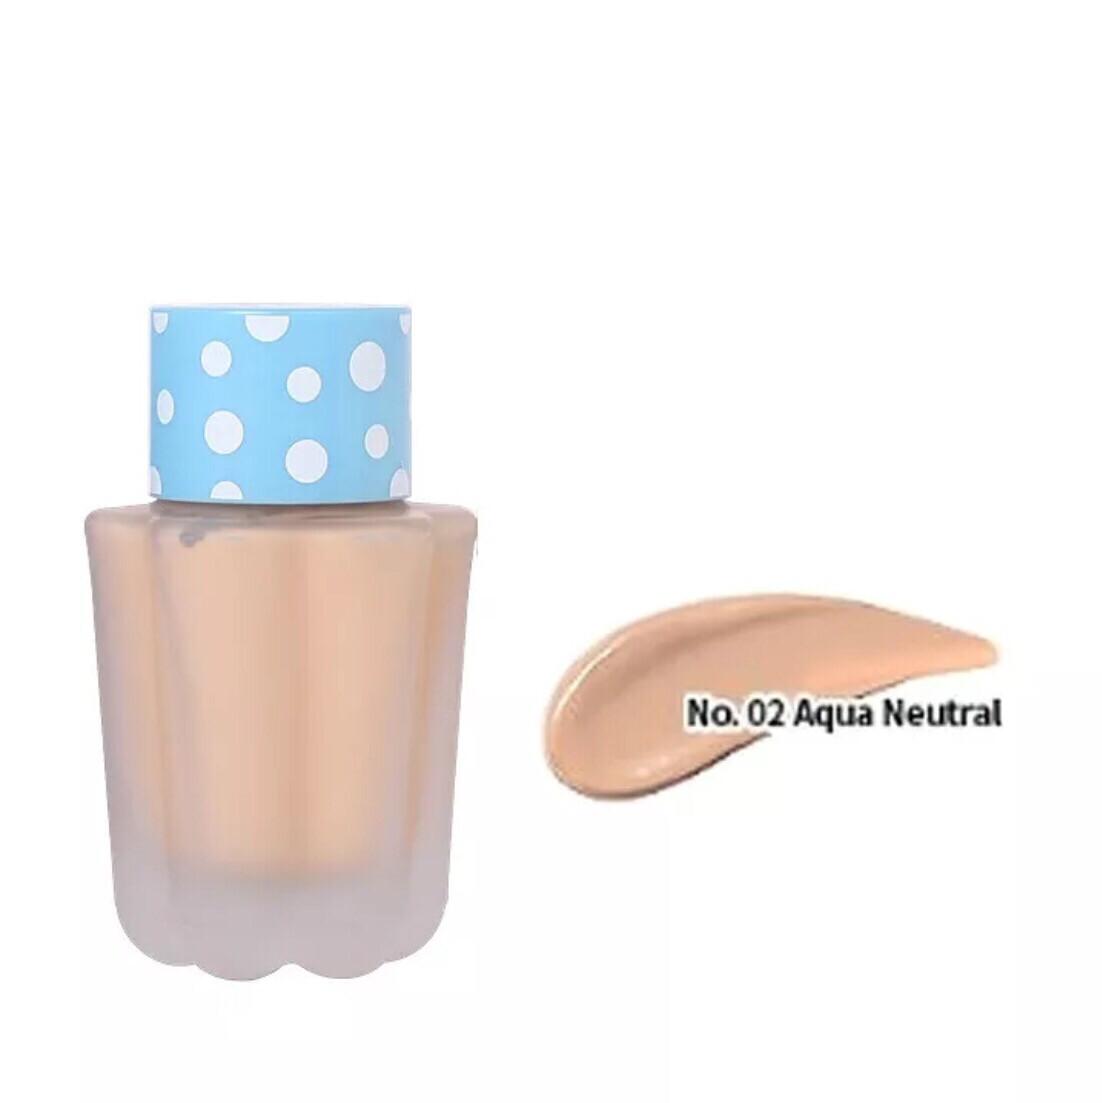 Aqua petit bb cream